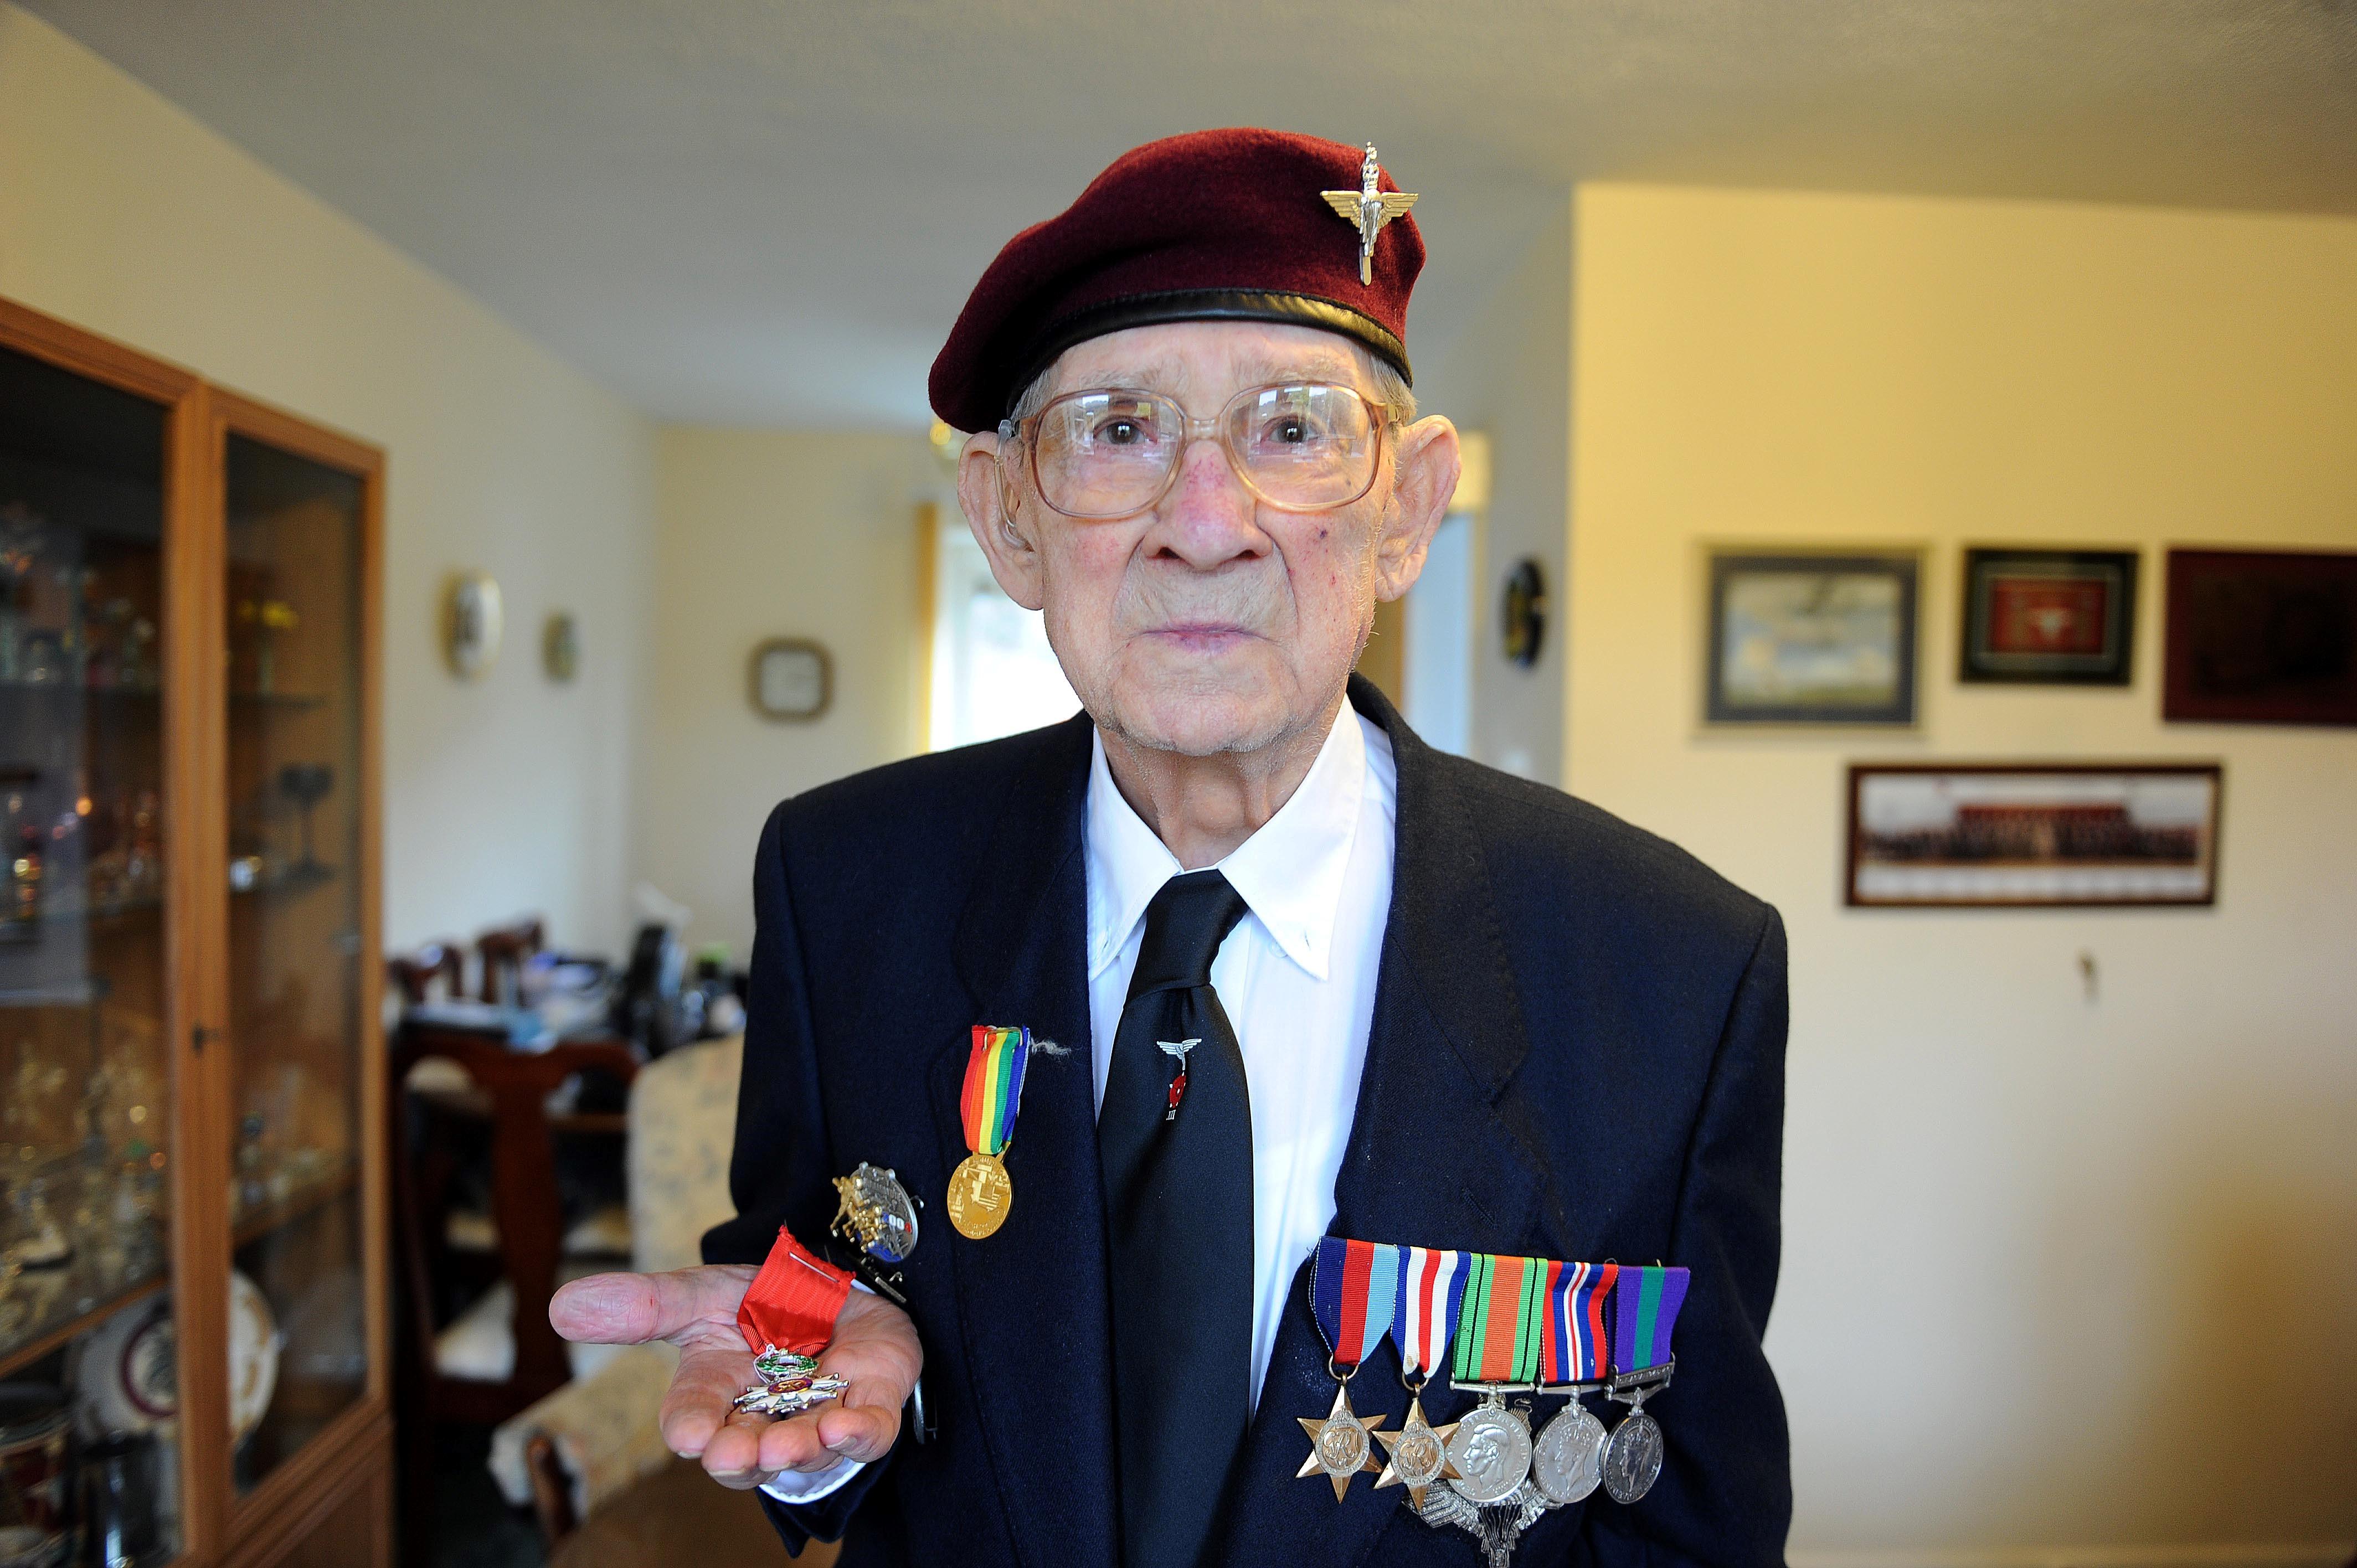 WWII veteran Donald Jones